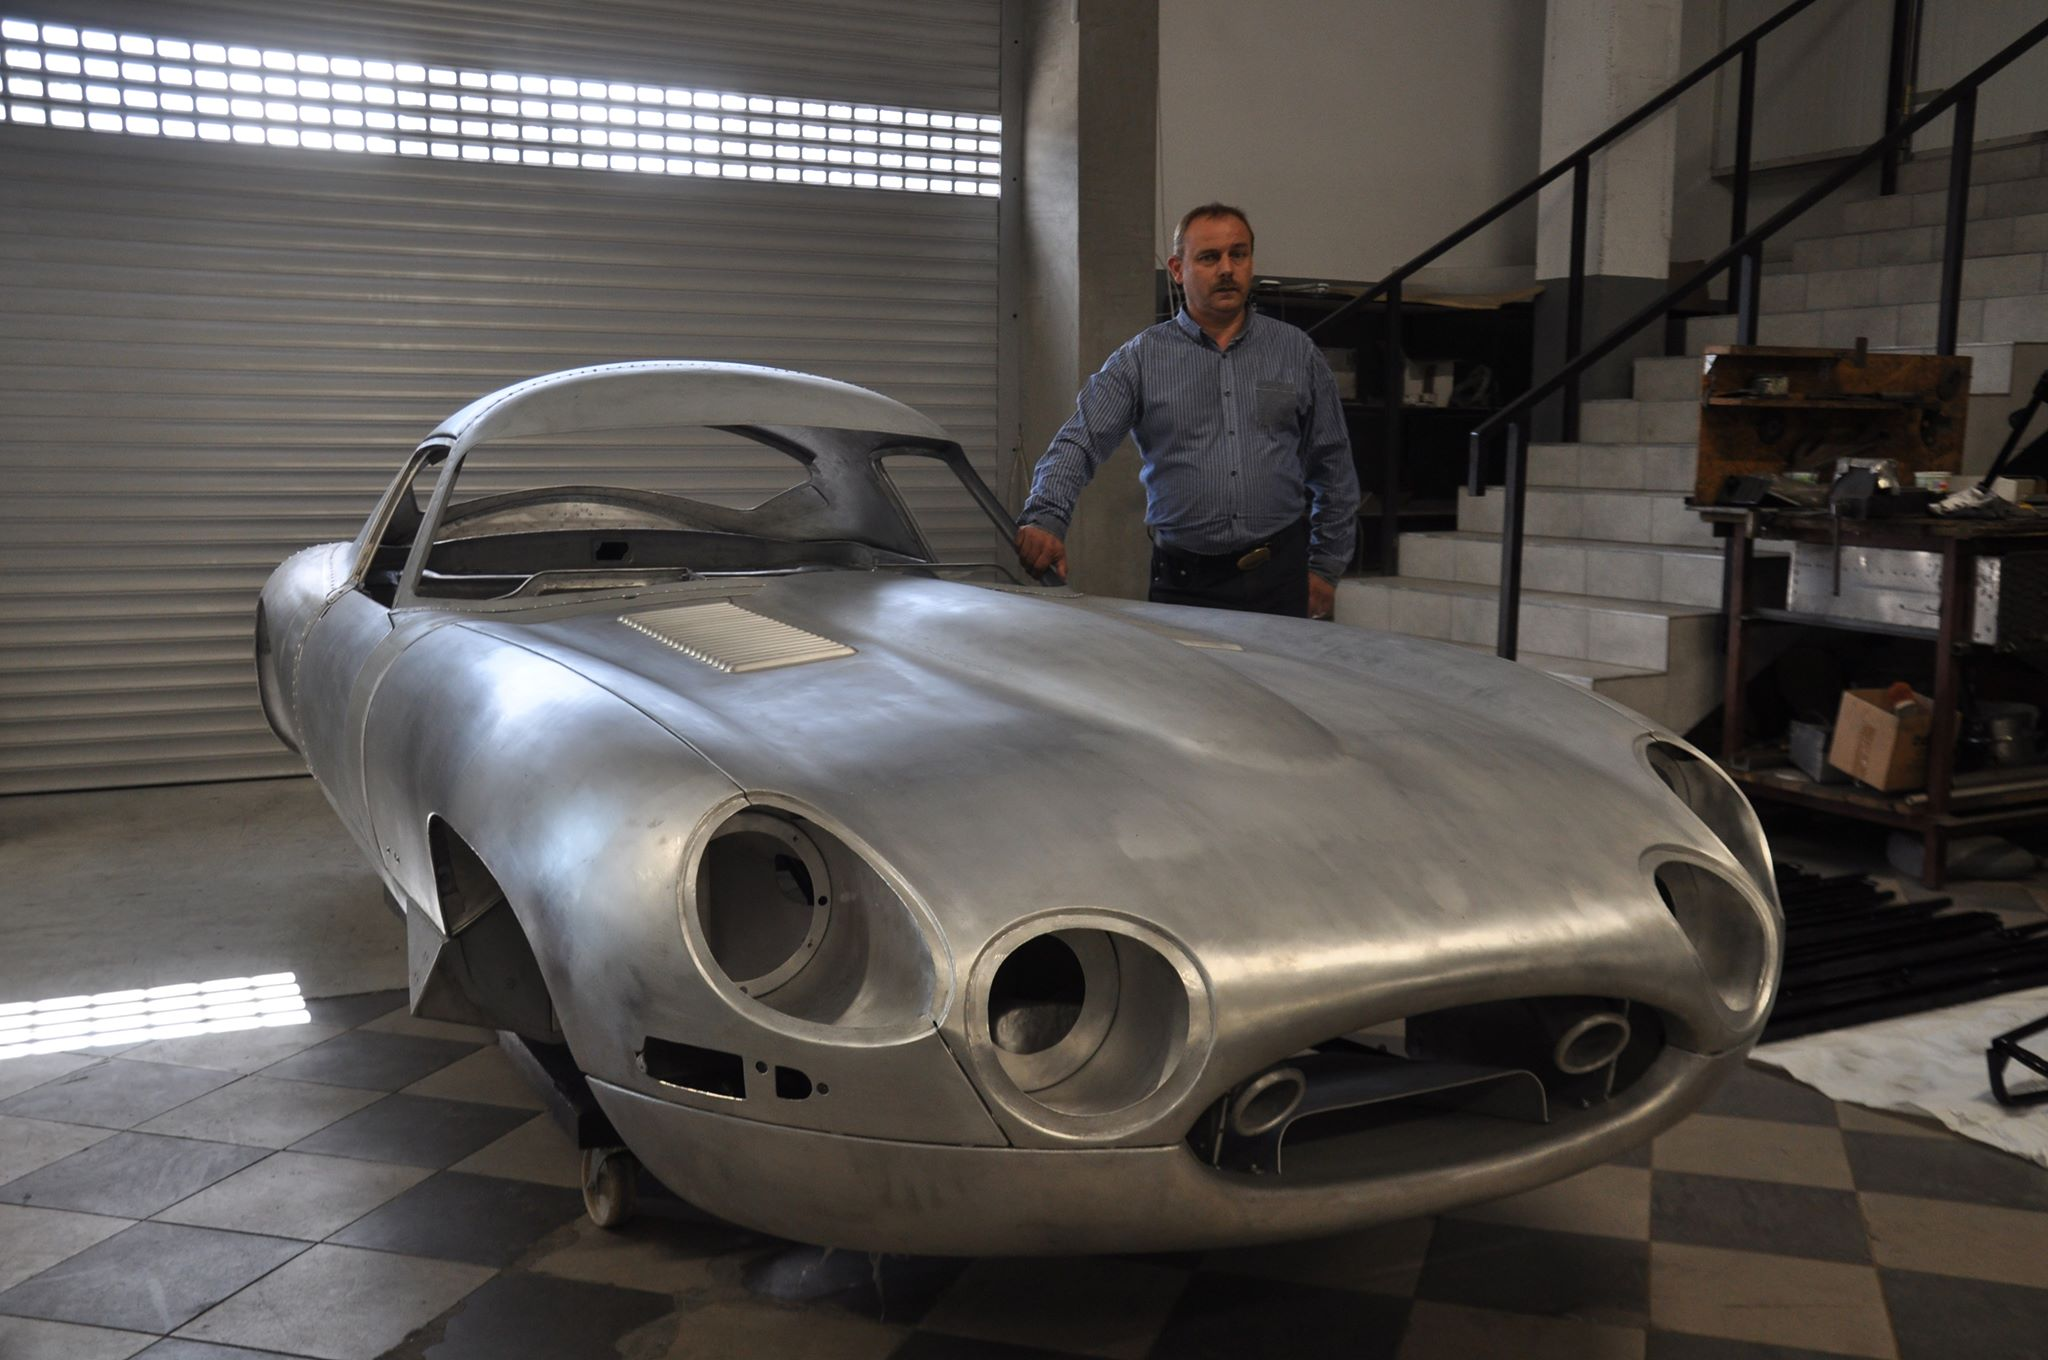 Mielczanin wskrzesza legendarne samochody [REPORTAŻ, FOTO] - Zdjęcie główne